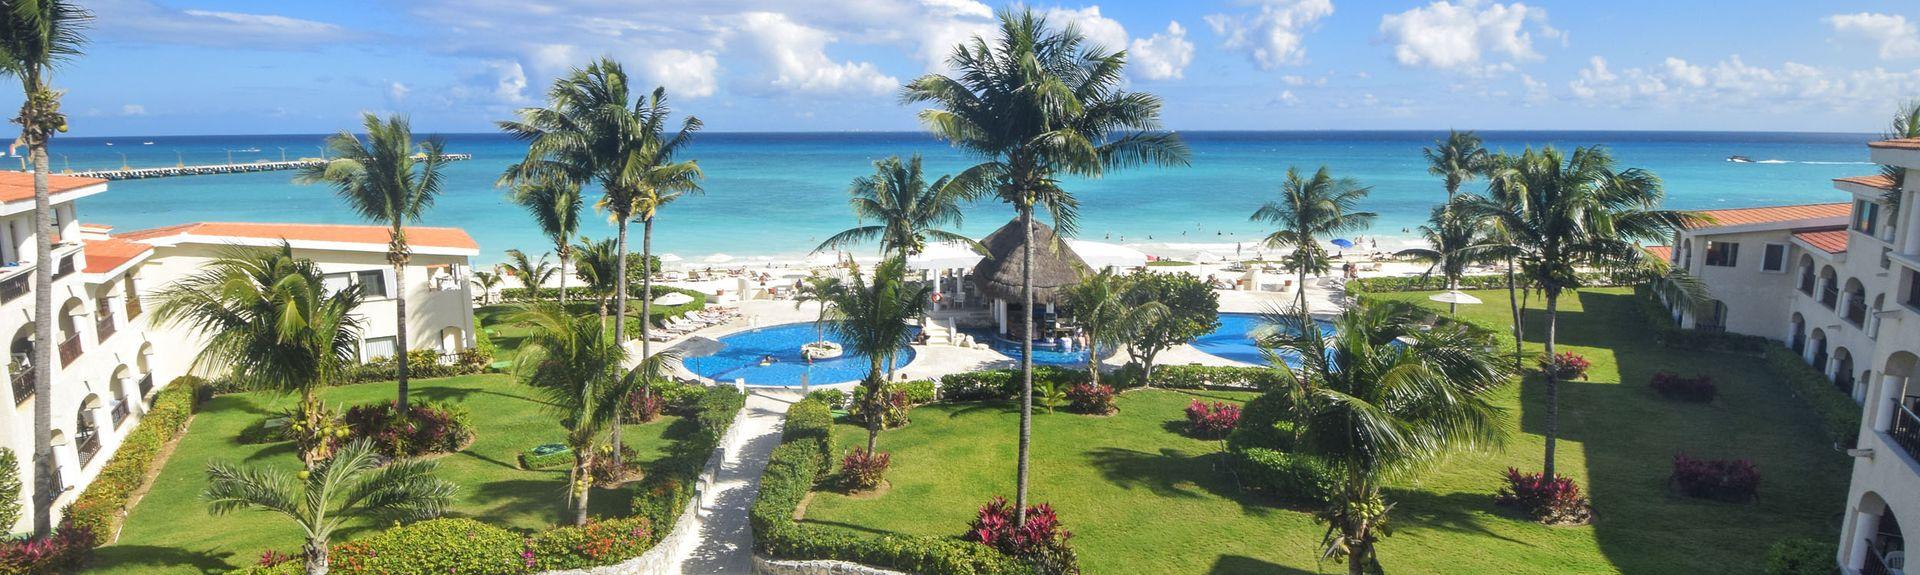 Xaman-Ha (Playa del Carmen, Quintana Roo, Mexique)